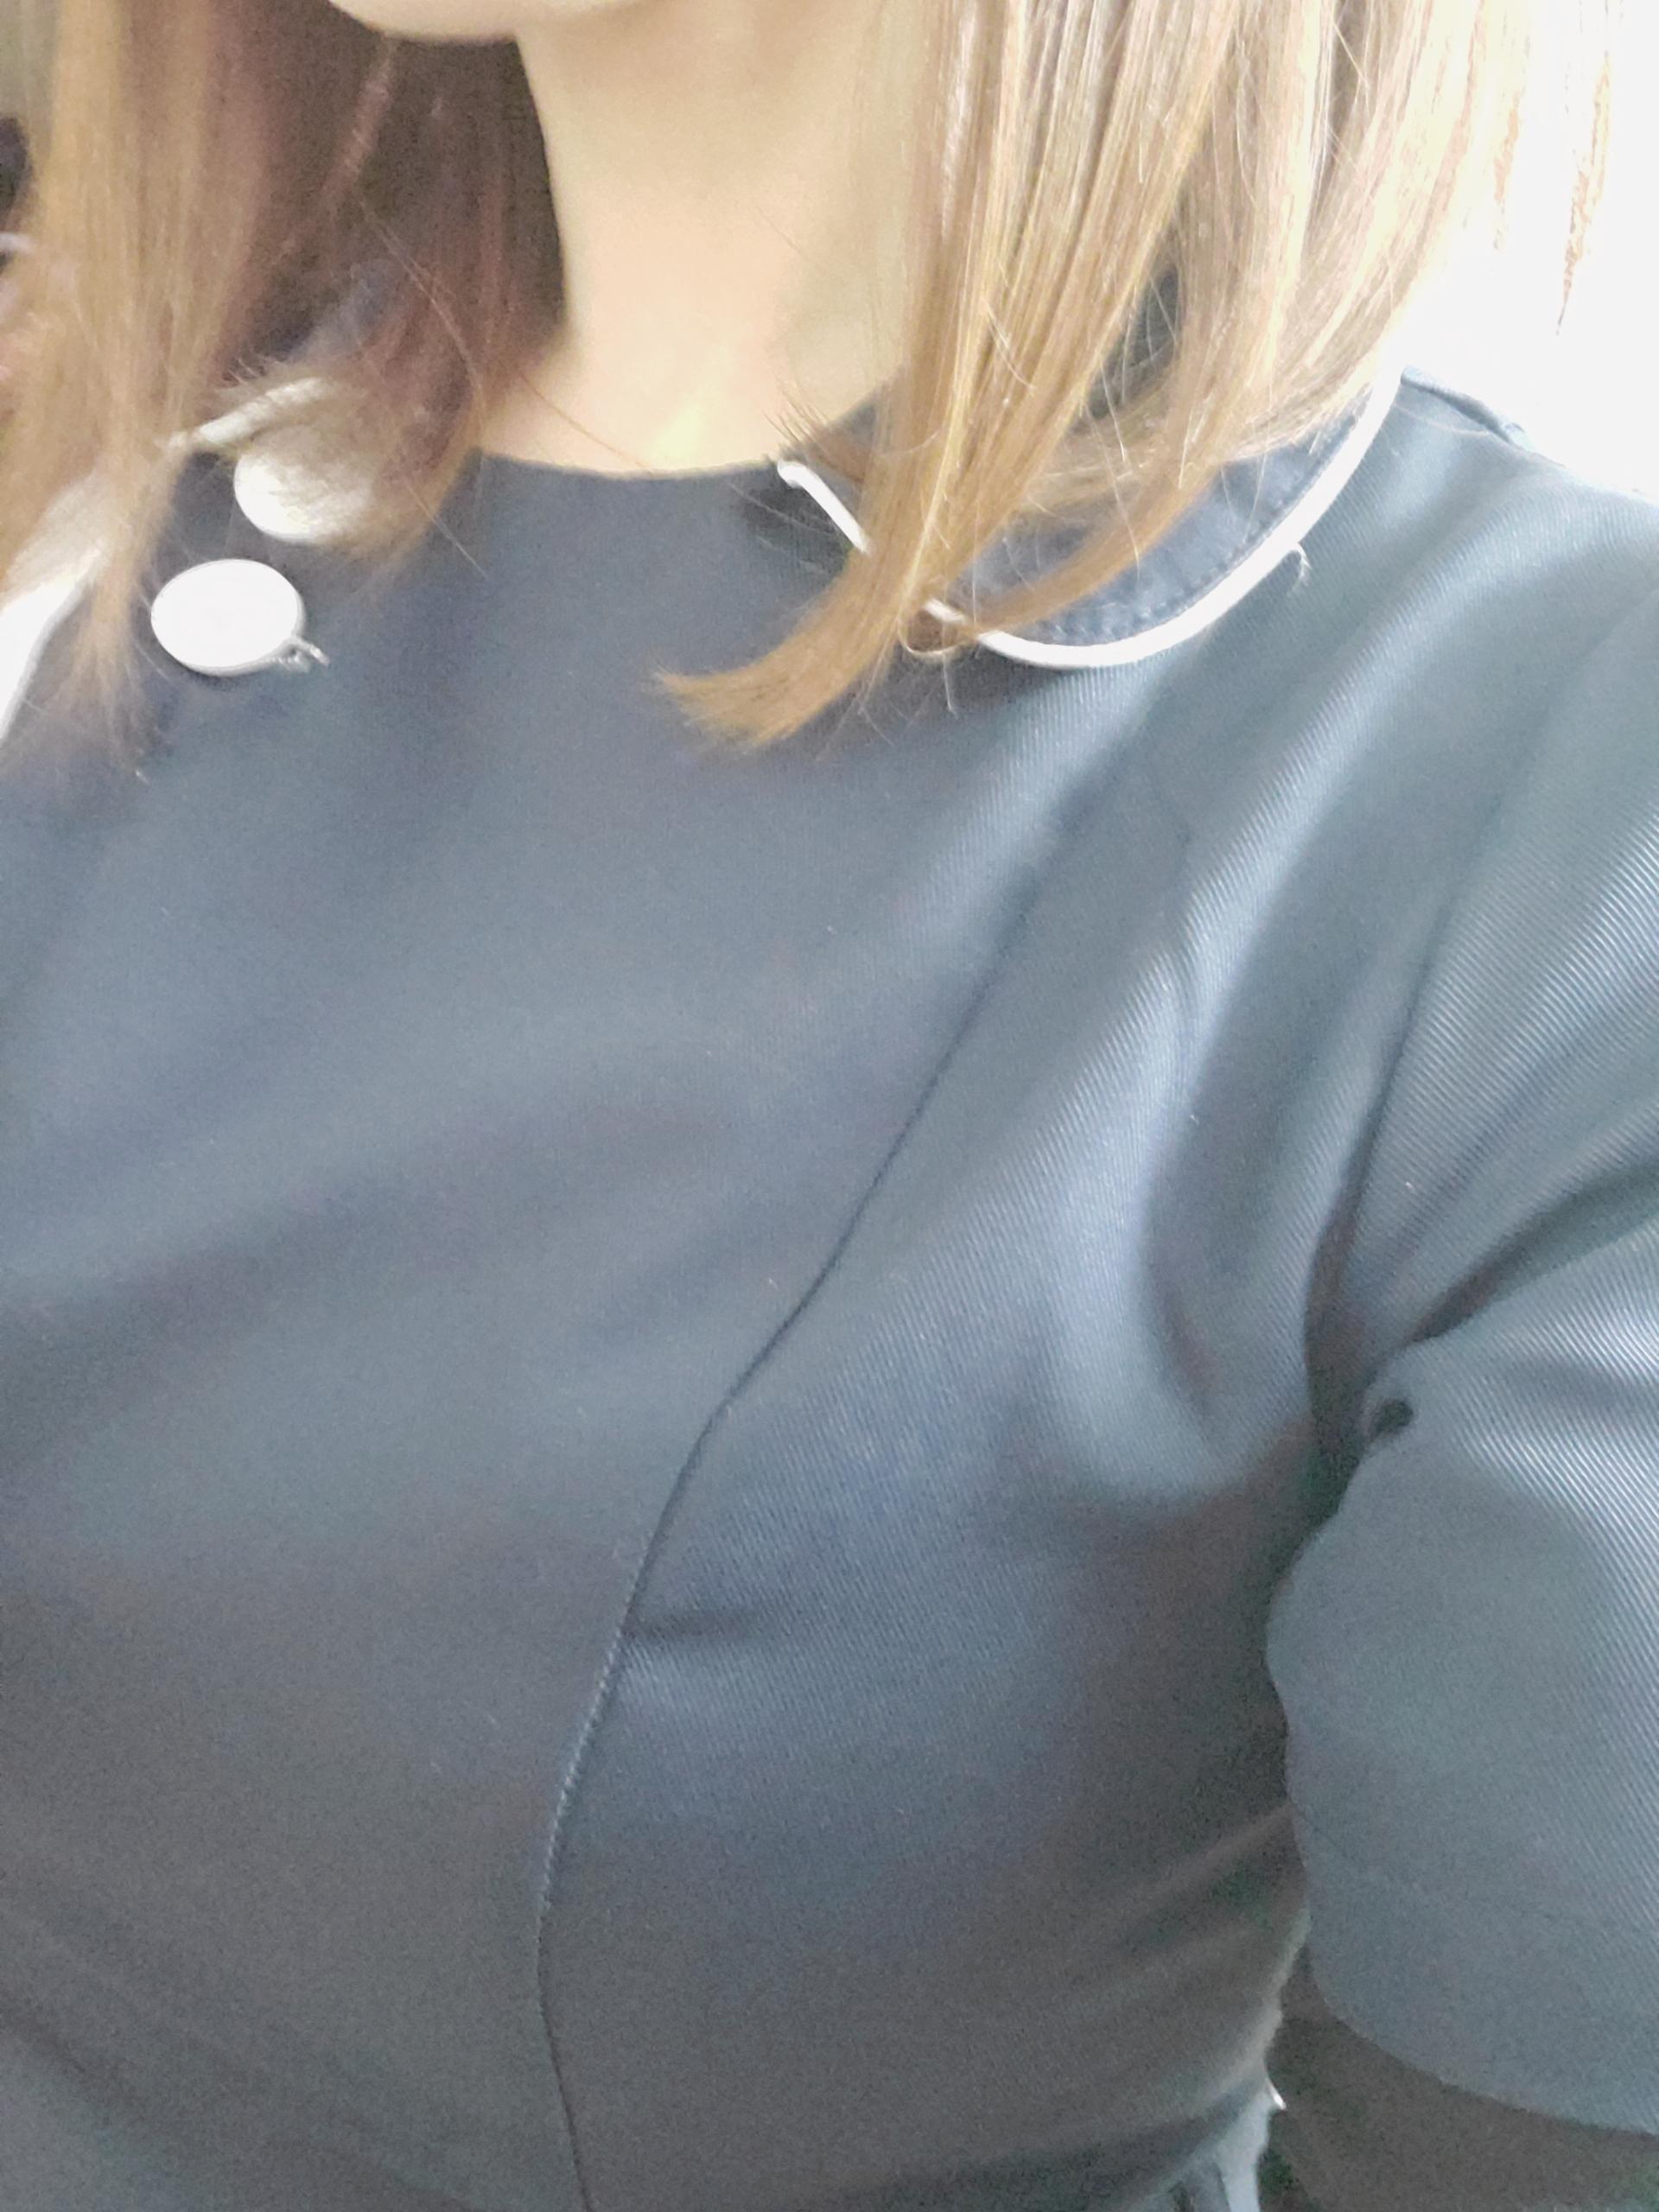 「3月ですね」03/01(月) 16:11 | 鈴木ひかるの写メ日記